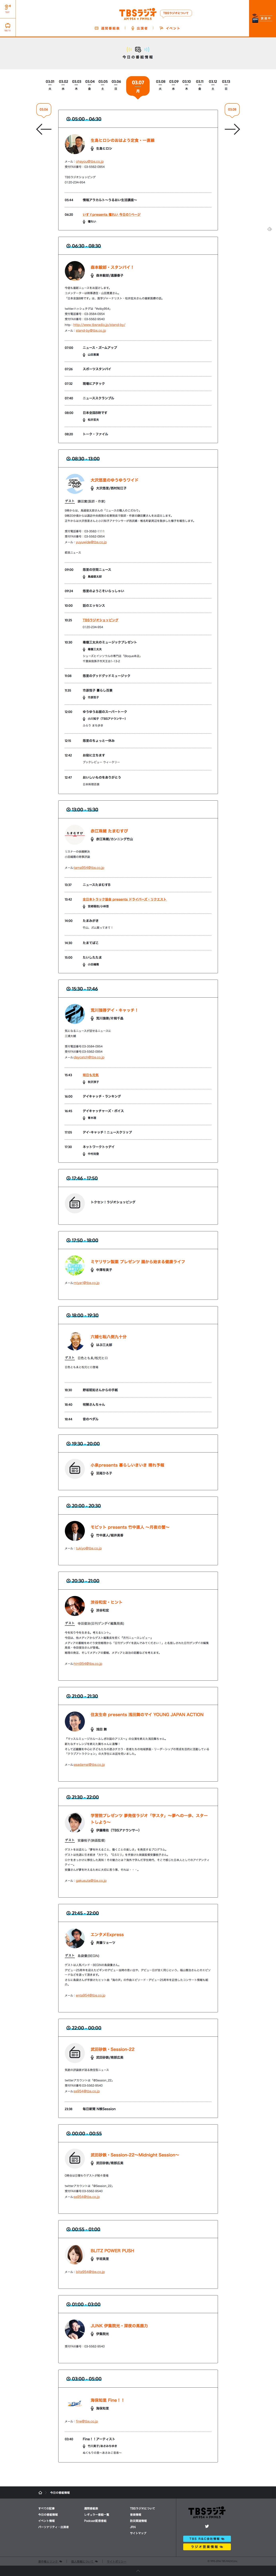 TBS Radio - Timetable